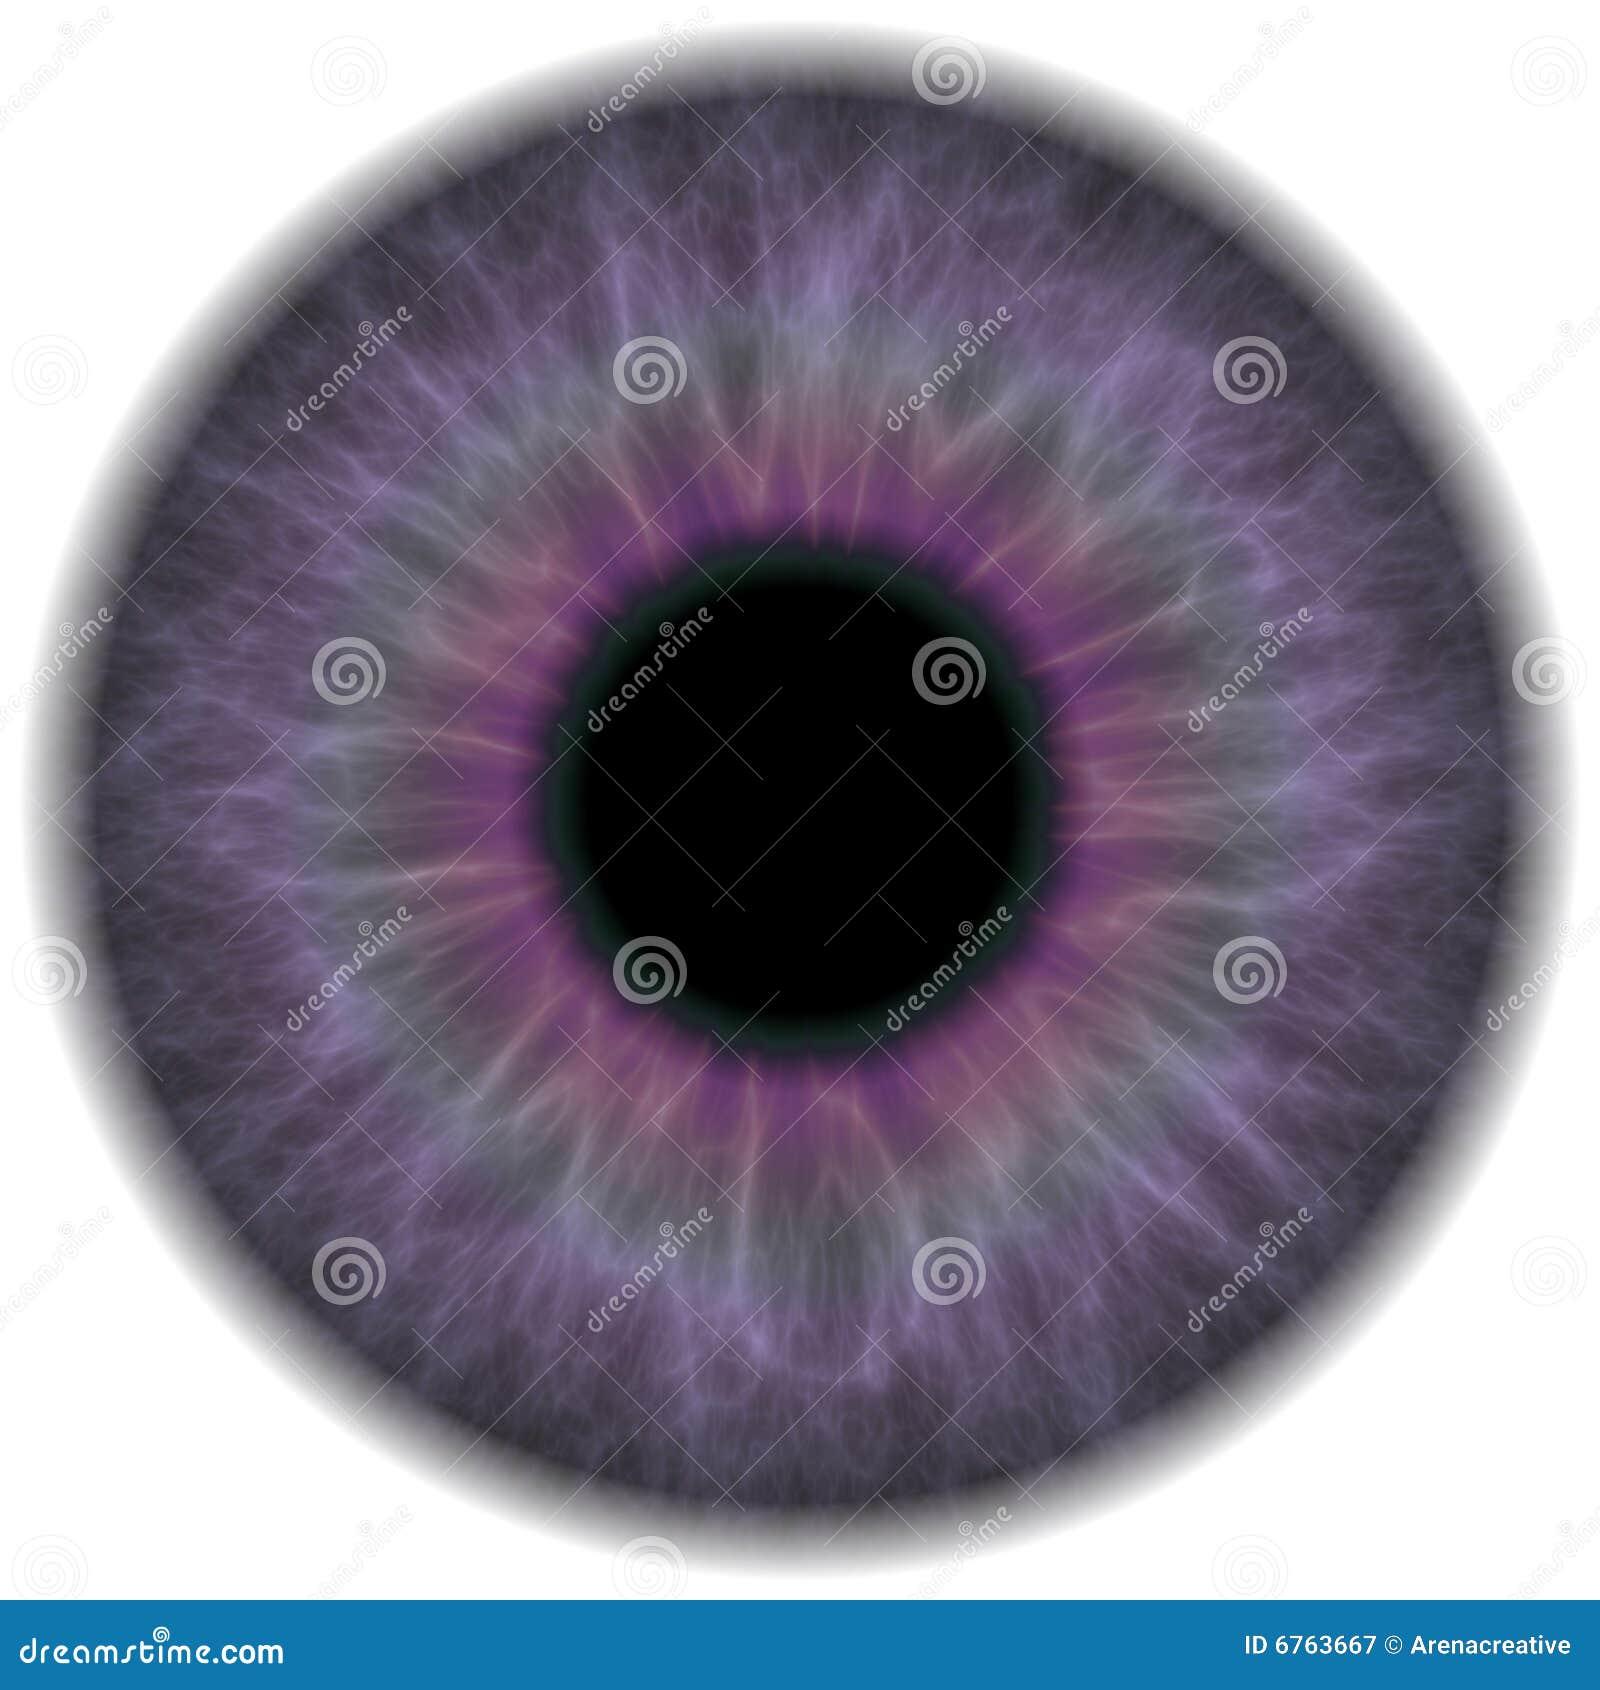 Natural Violet Red Eyes